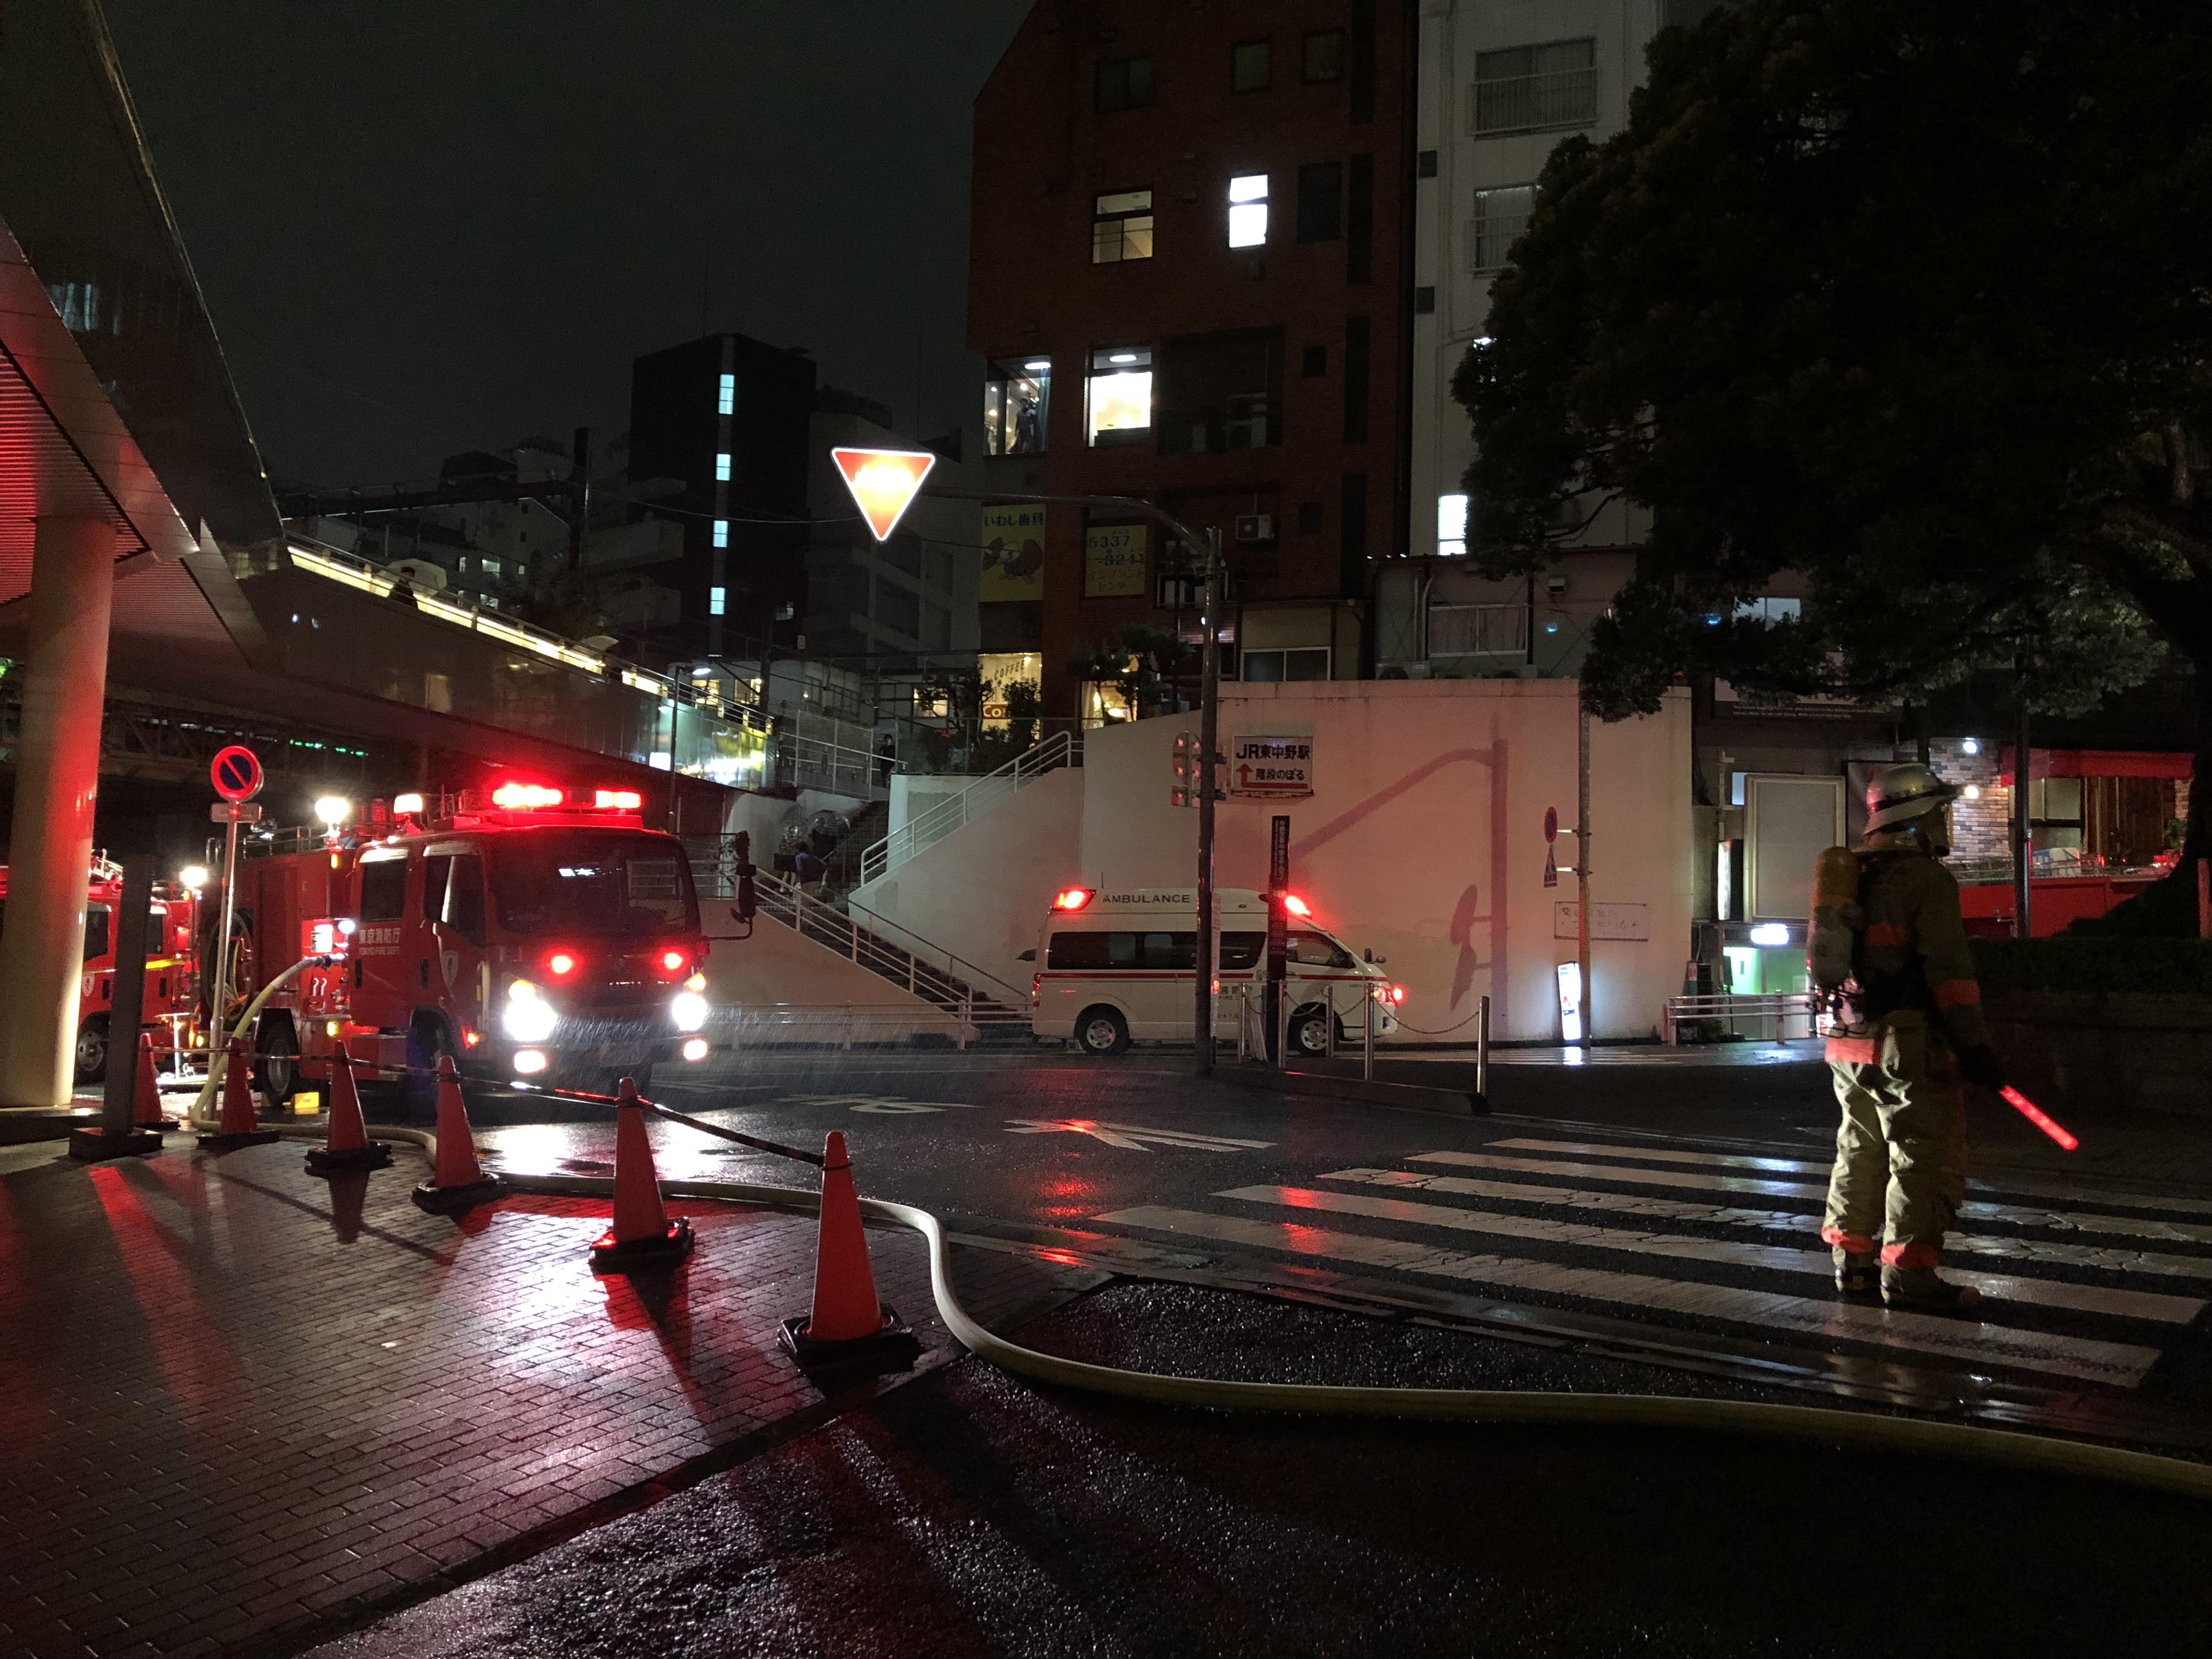 【現場写真】ゴールドジム東中野店で火災発生か!店舗の上のタワーマンションが火事に巻き込まれる!?